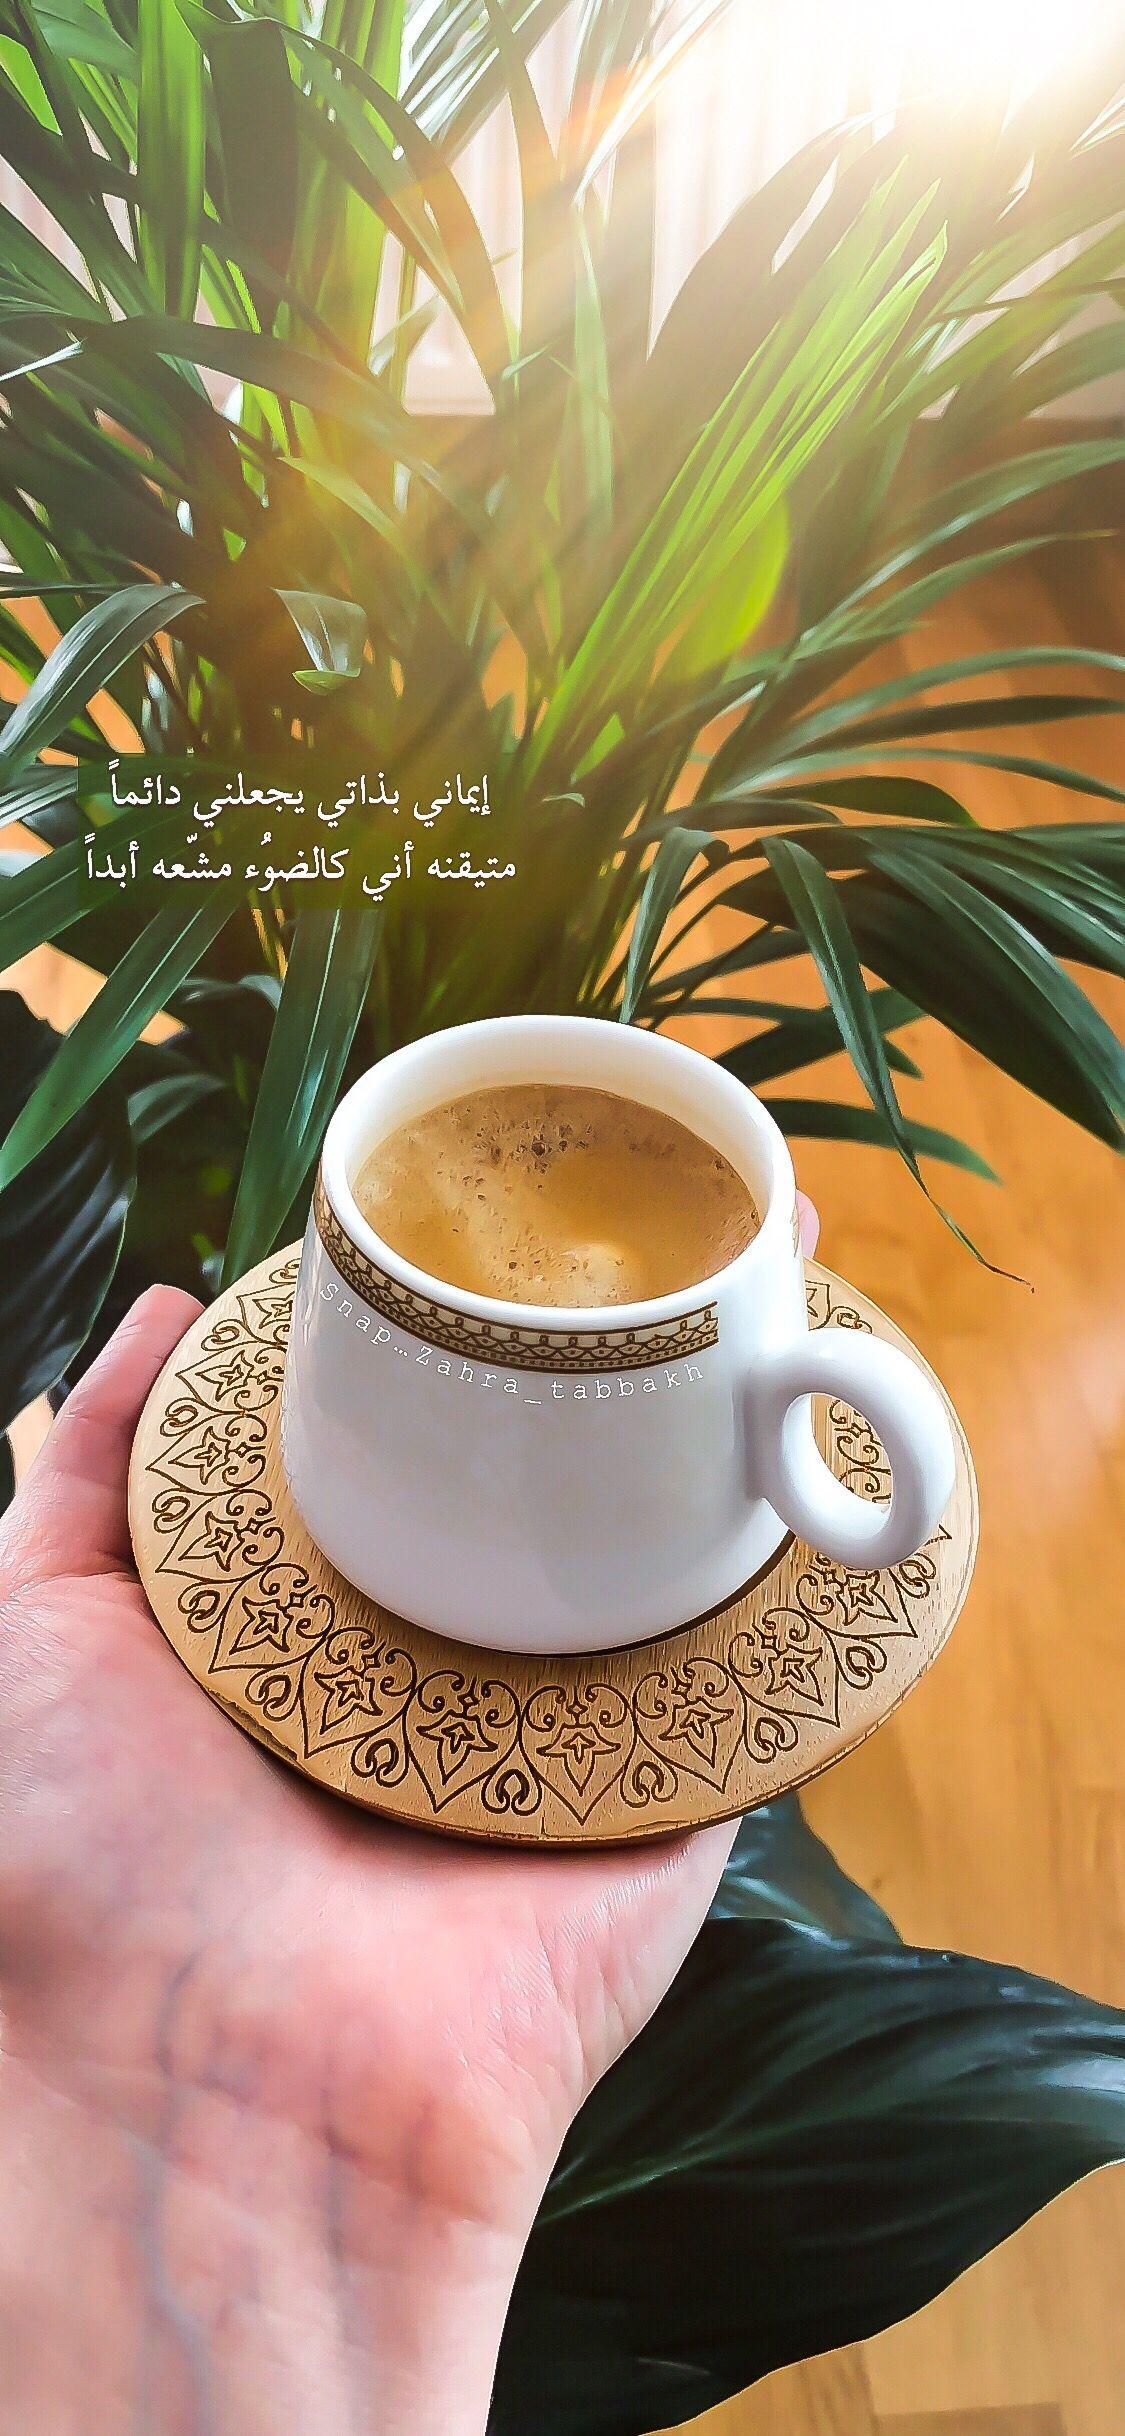 قهوة وقت القهوة صباح الخير رمزيات صورة تصويري تصاميم كوب قهوة سناب سنابيات بيسيات فنجان قهوة روقان مزاج Sweet Words Arabic Quotes Coffee Is Life